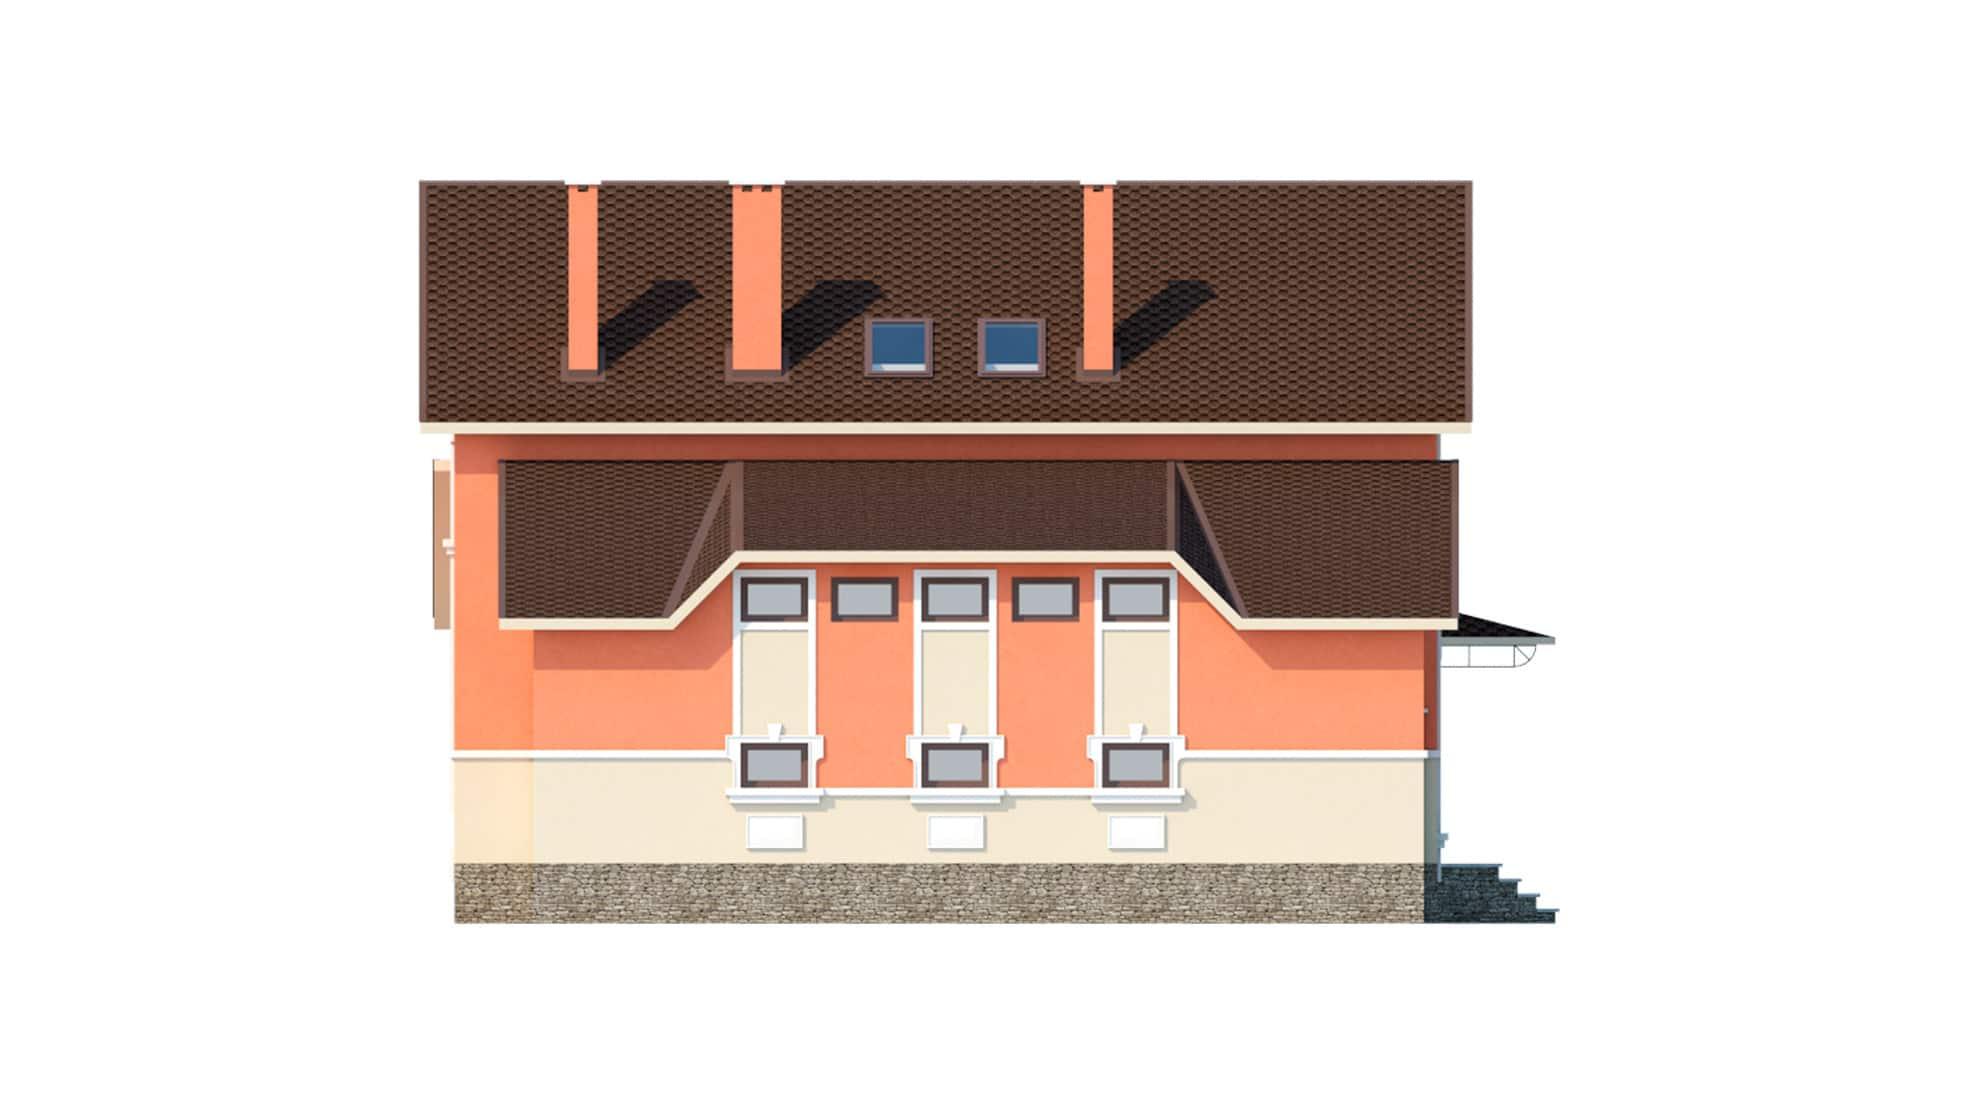 Фасад мансардного дома с гаражом, подвалом, верандой «КМ-41» слева